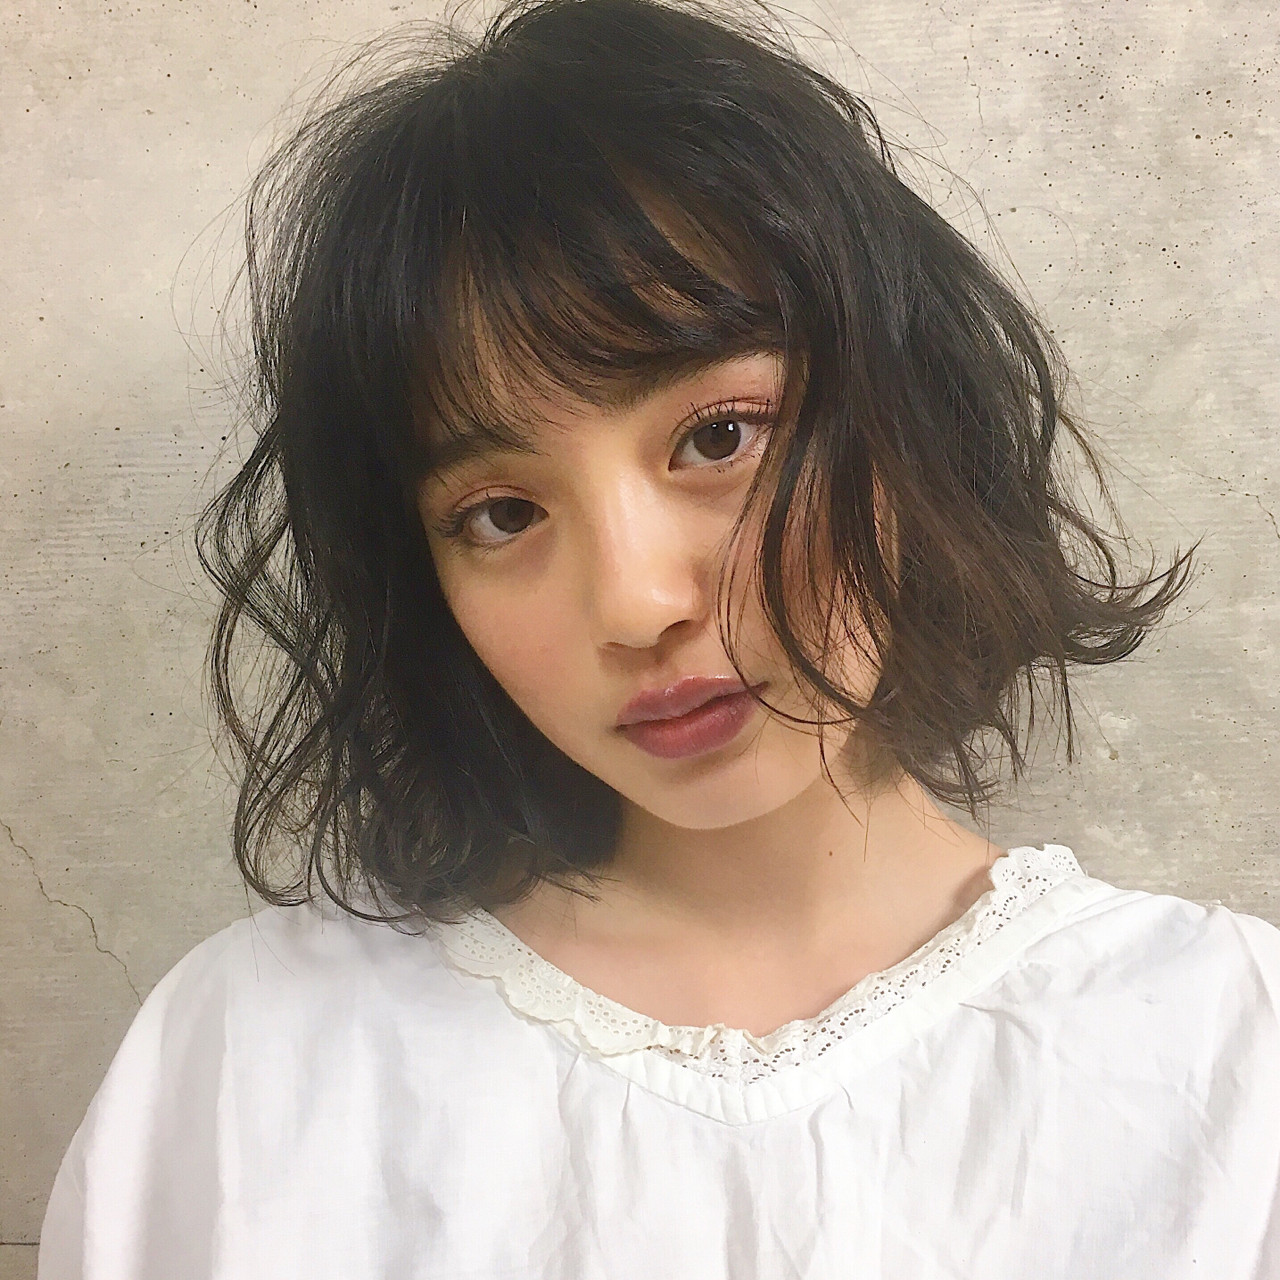 女子力 ヘアアレンジ 透明感 簡単ヘアアレンジ ヘアスタイルや髪型の写真・画像 | 井上 彩 / Luxe